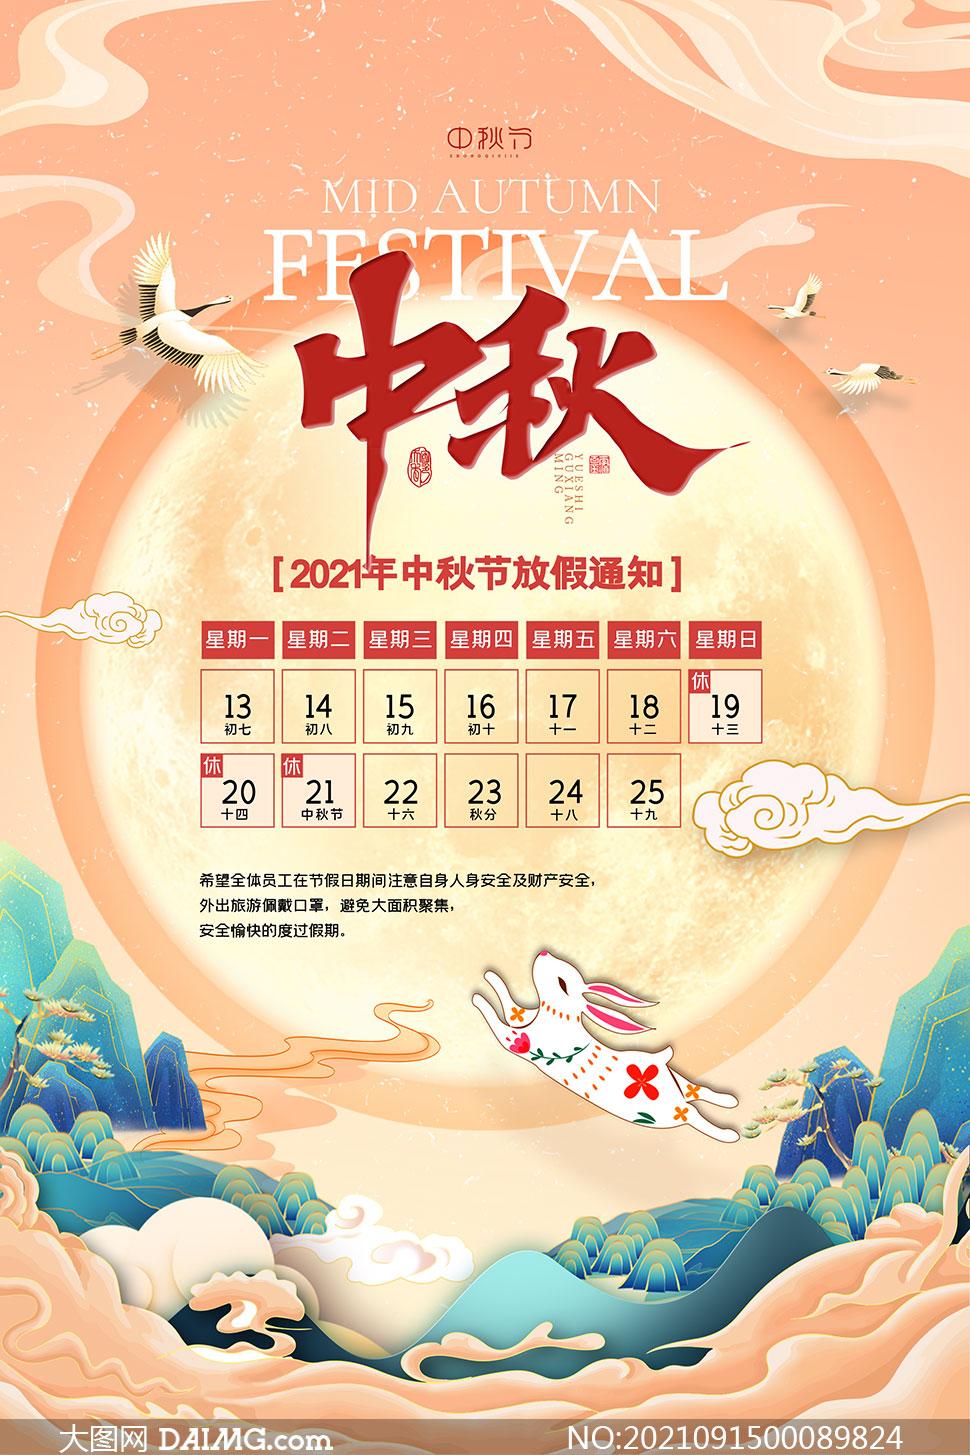 2021年中秋节放假通知模板PSD素材